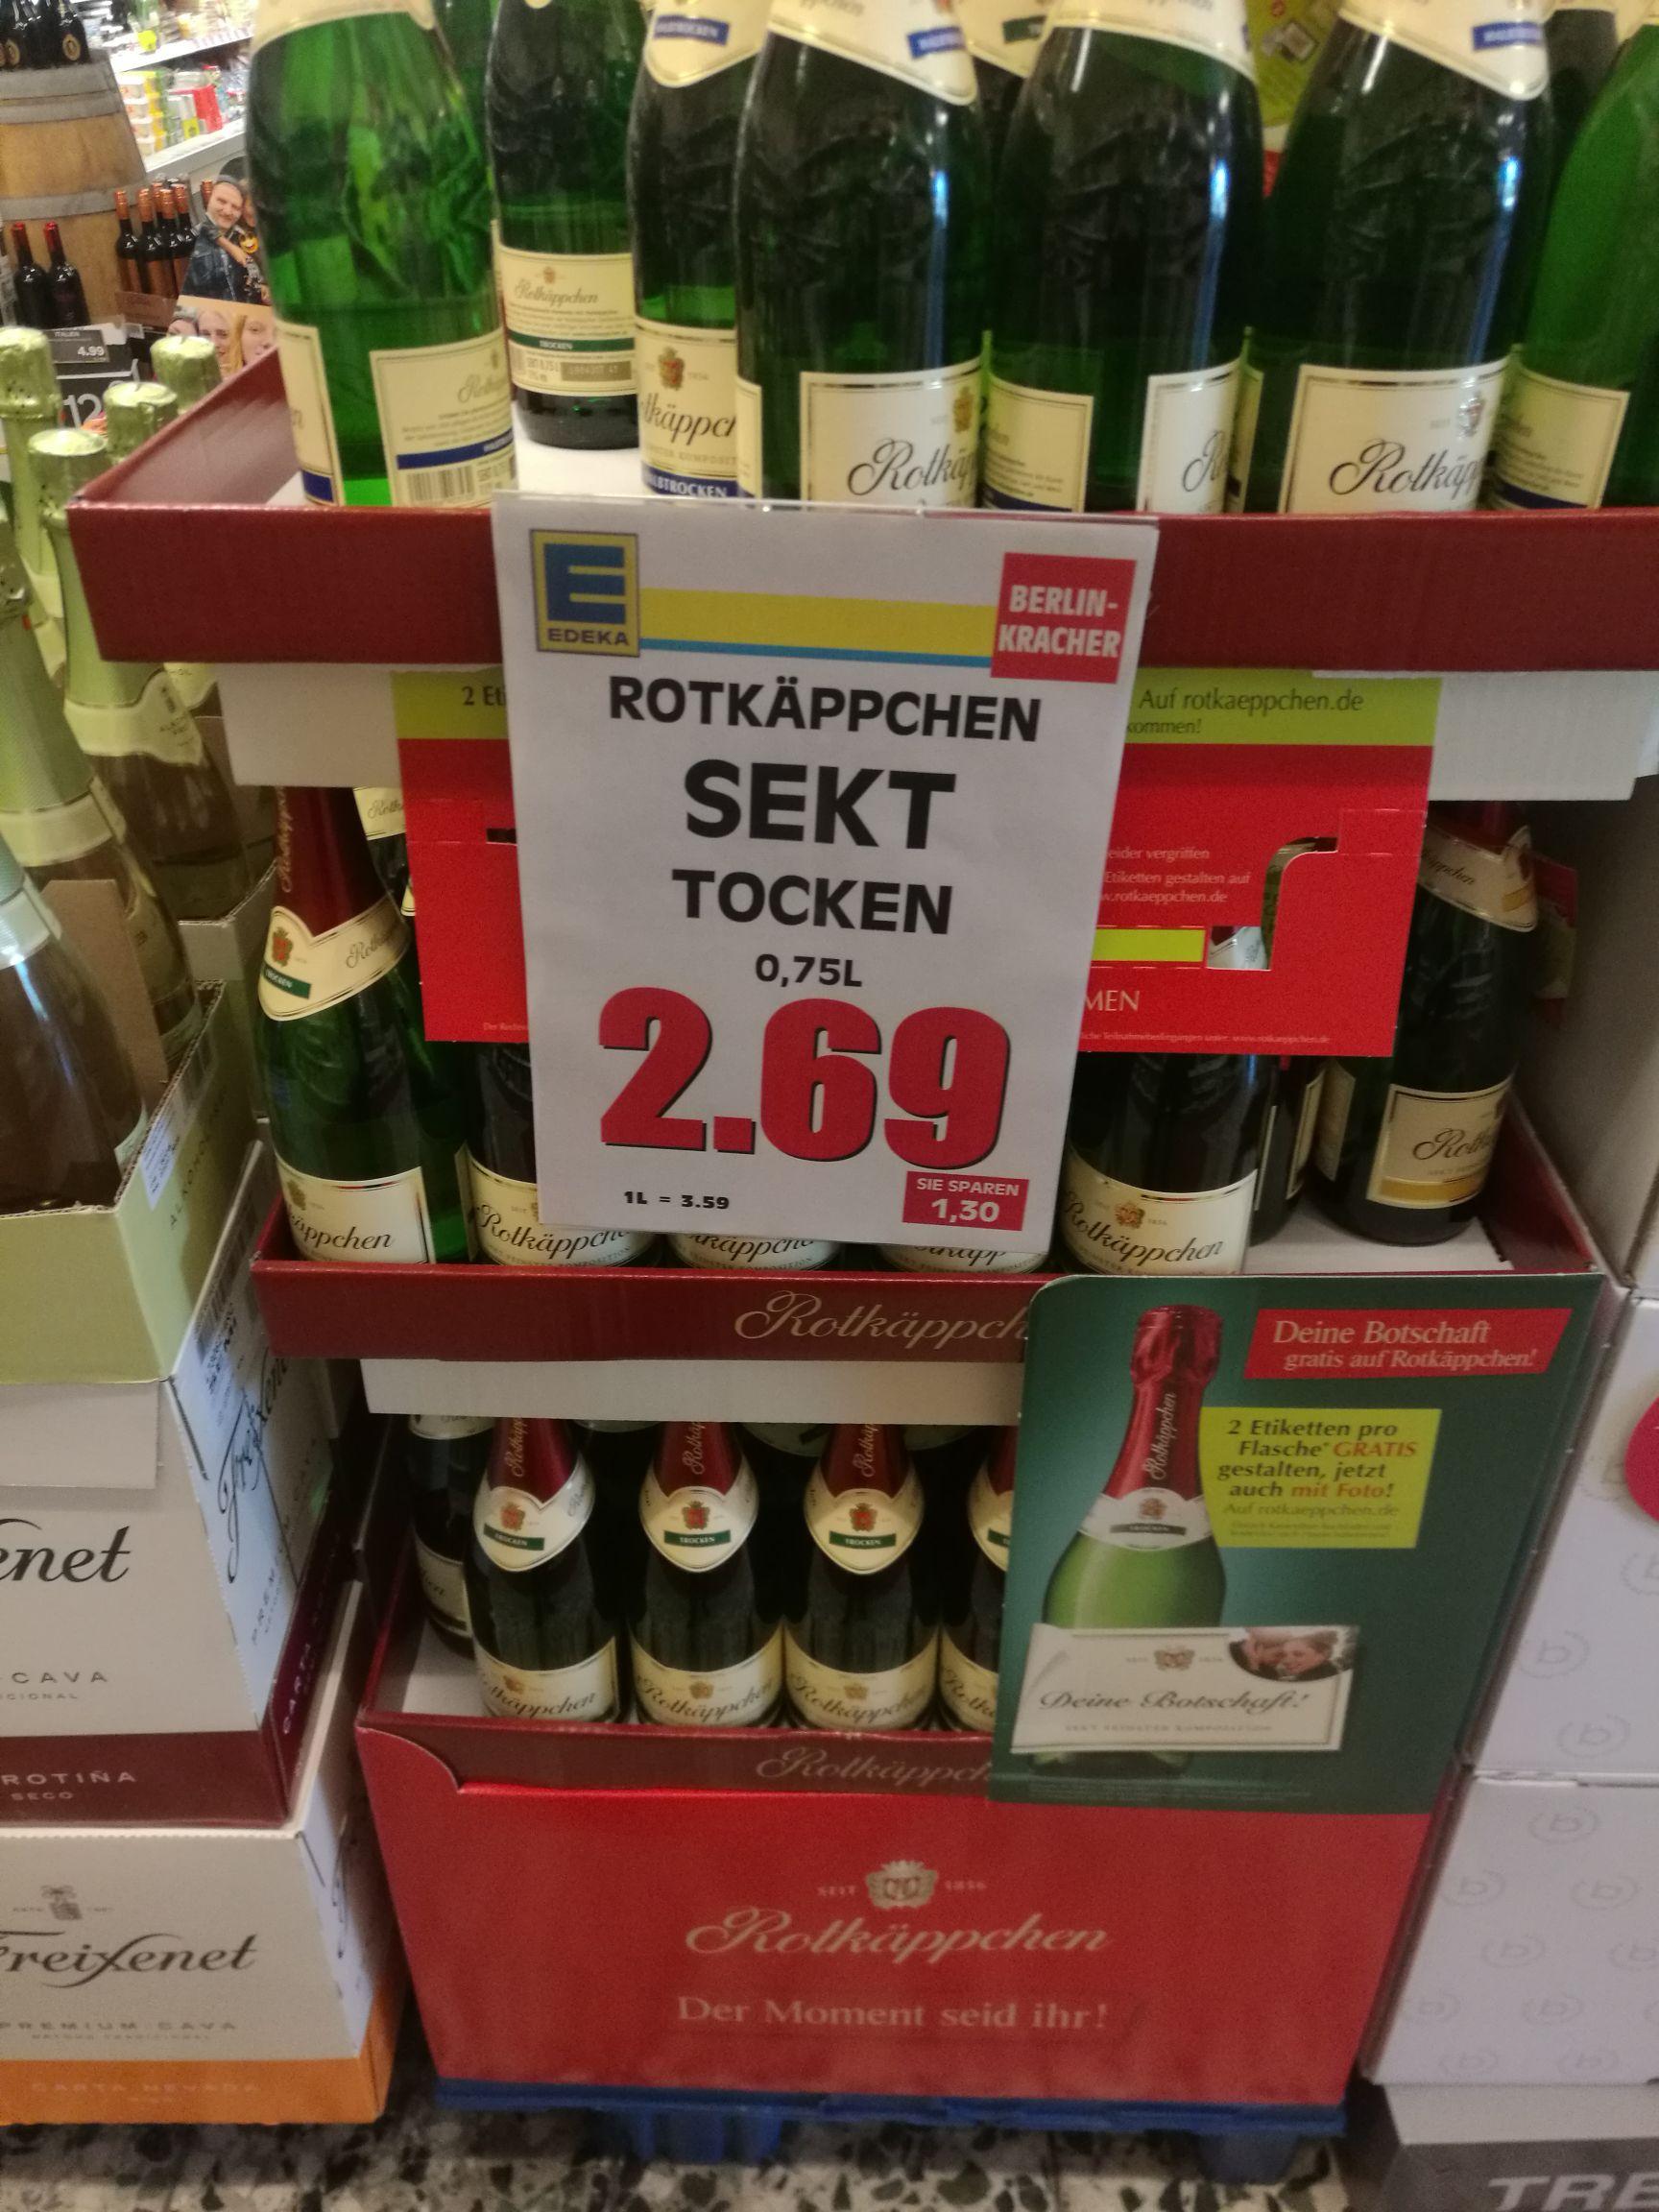 EDEKA Rotkäppchen Sekt 0,75l Trocken/Halbtrocken (Berlin nur die Filiale)